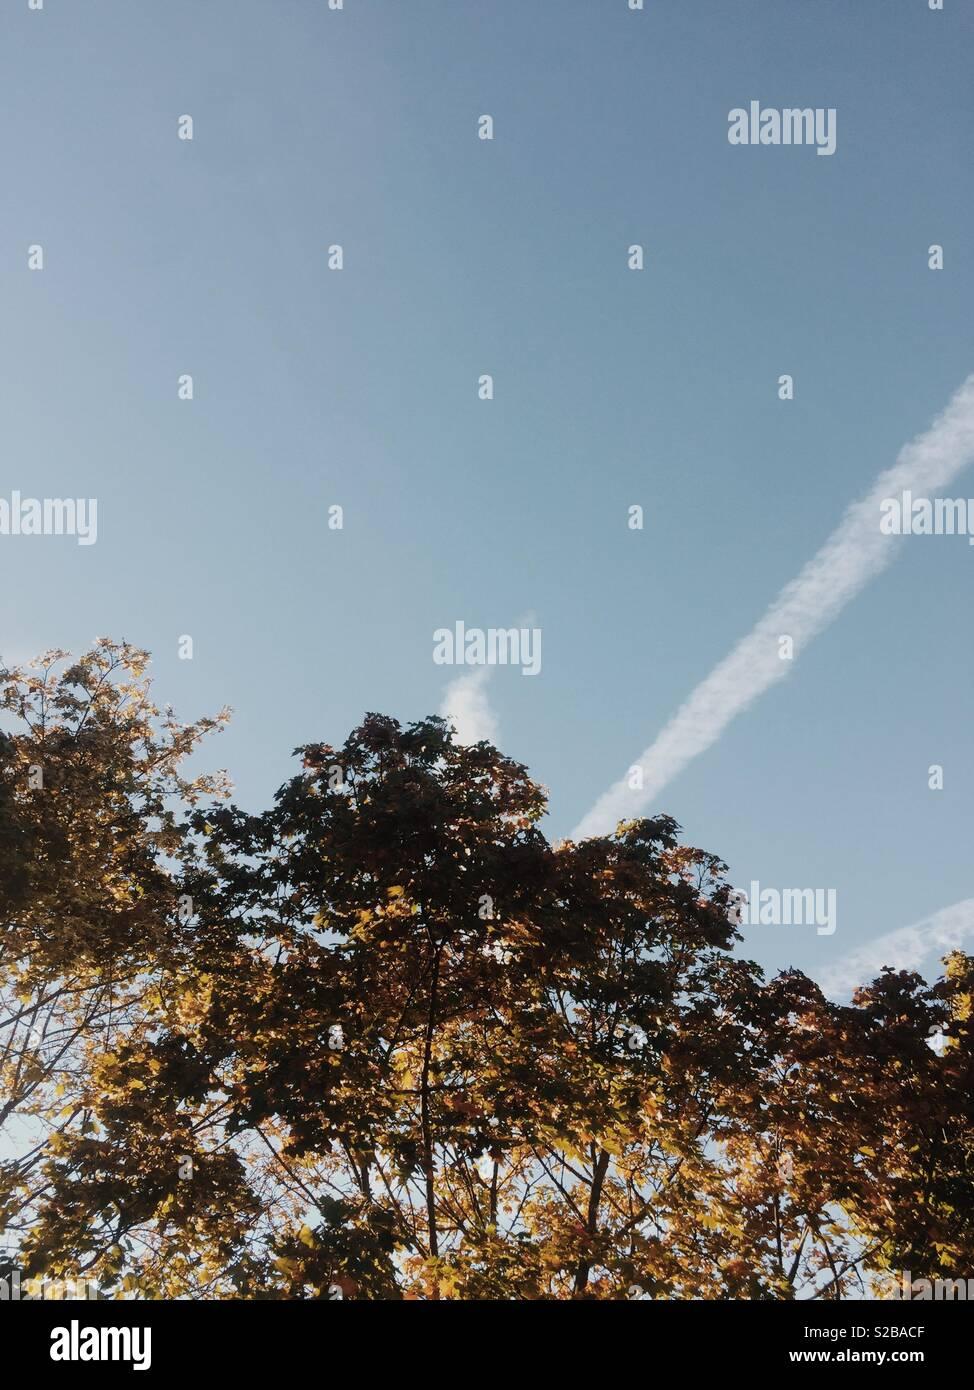 Guardando verso l'alto albero autunnale nel sole e cielo Immagini Stock